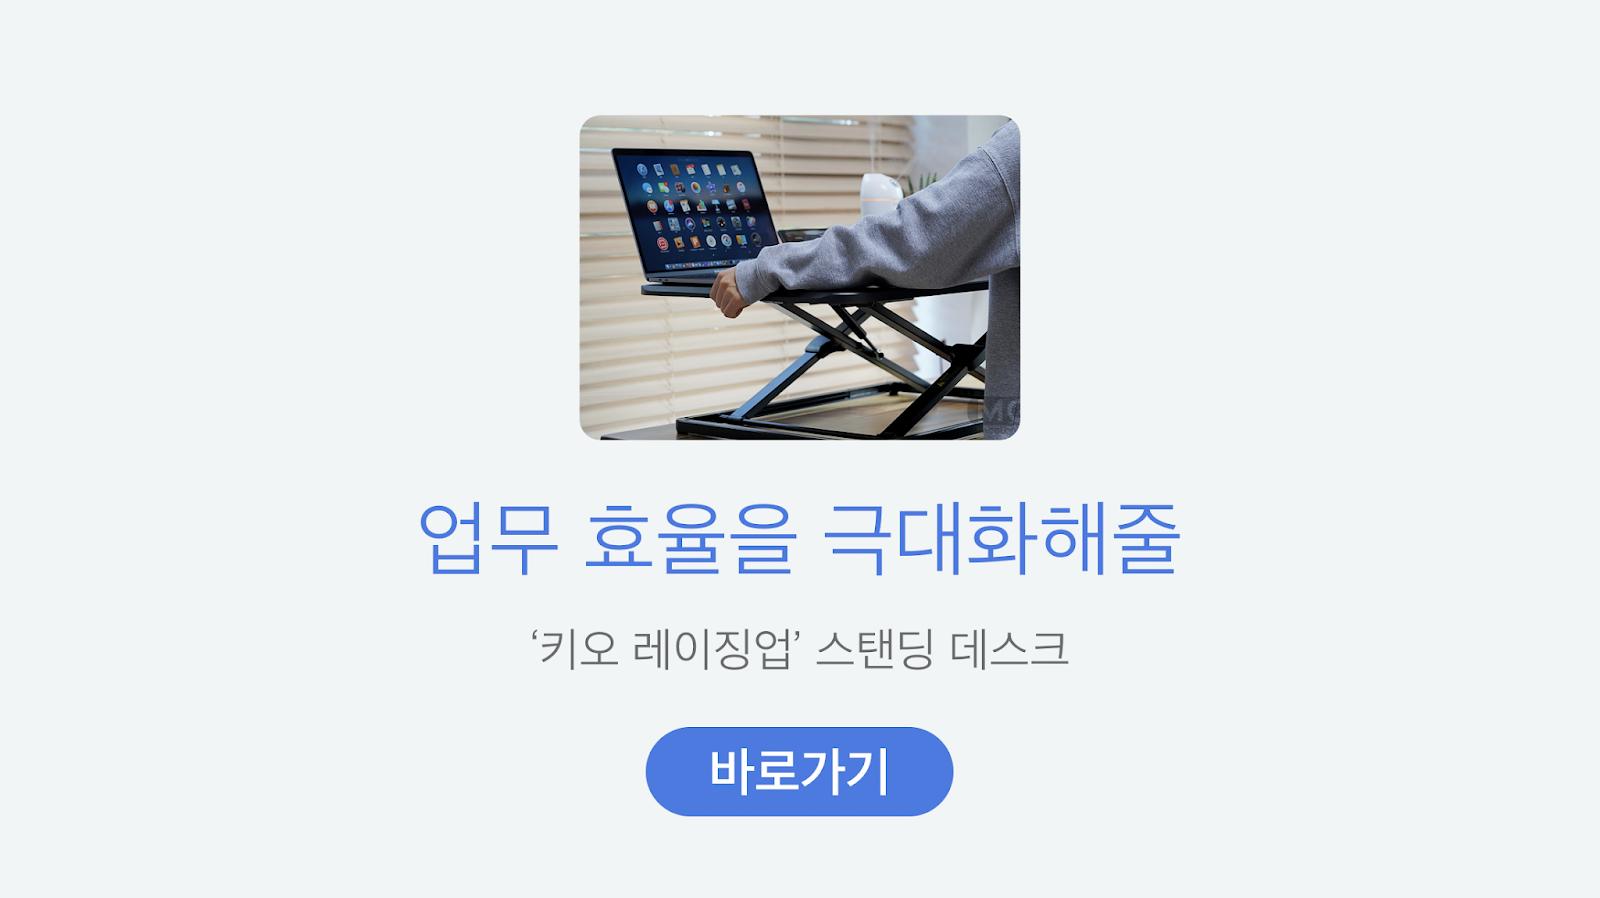 https://smartstore.naver.com/wickio/products/4650344369